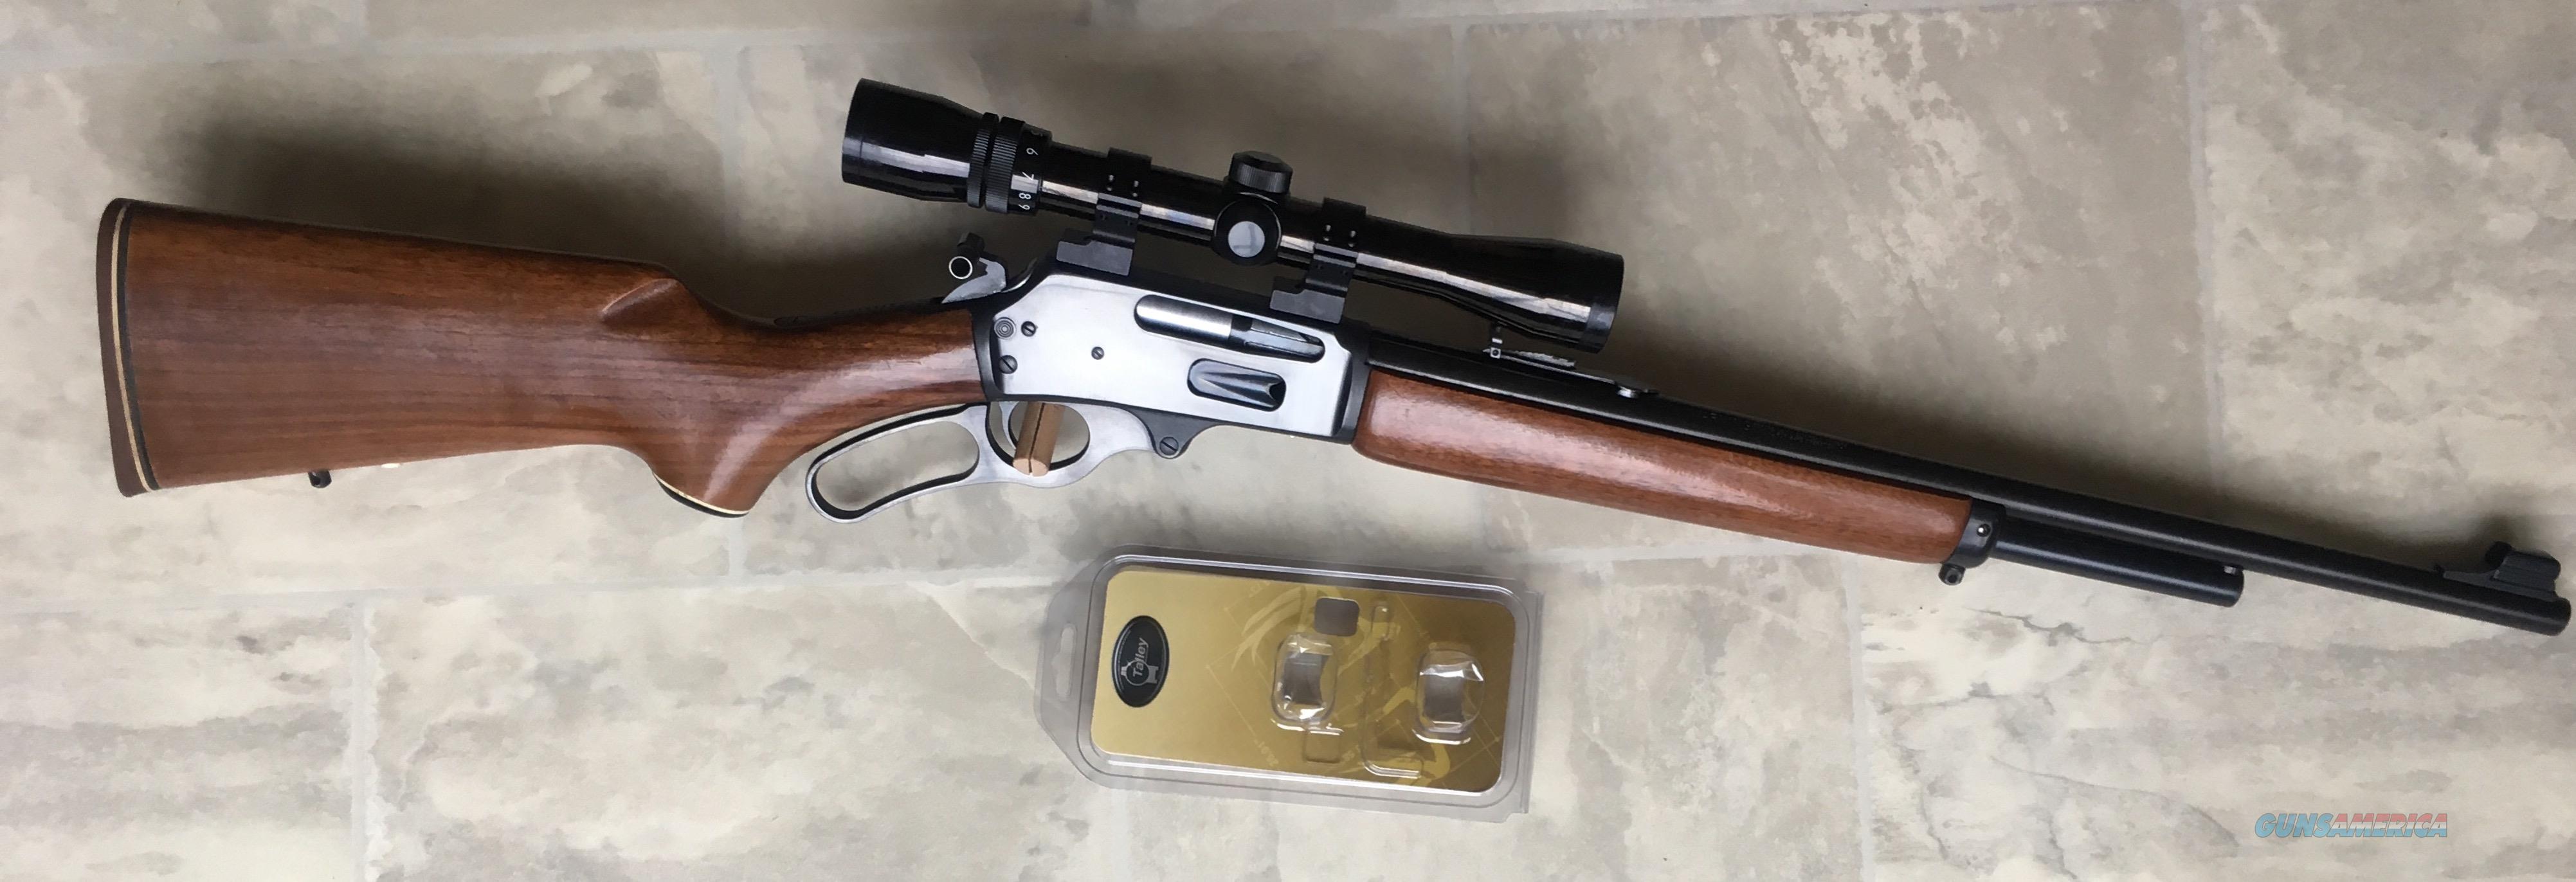 Marlin 336ER 356 Winchester Cal  Guns > Rifles > Marlin Rifles > Modern > Lever Action